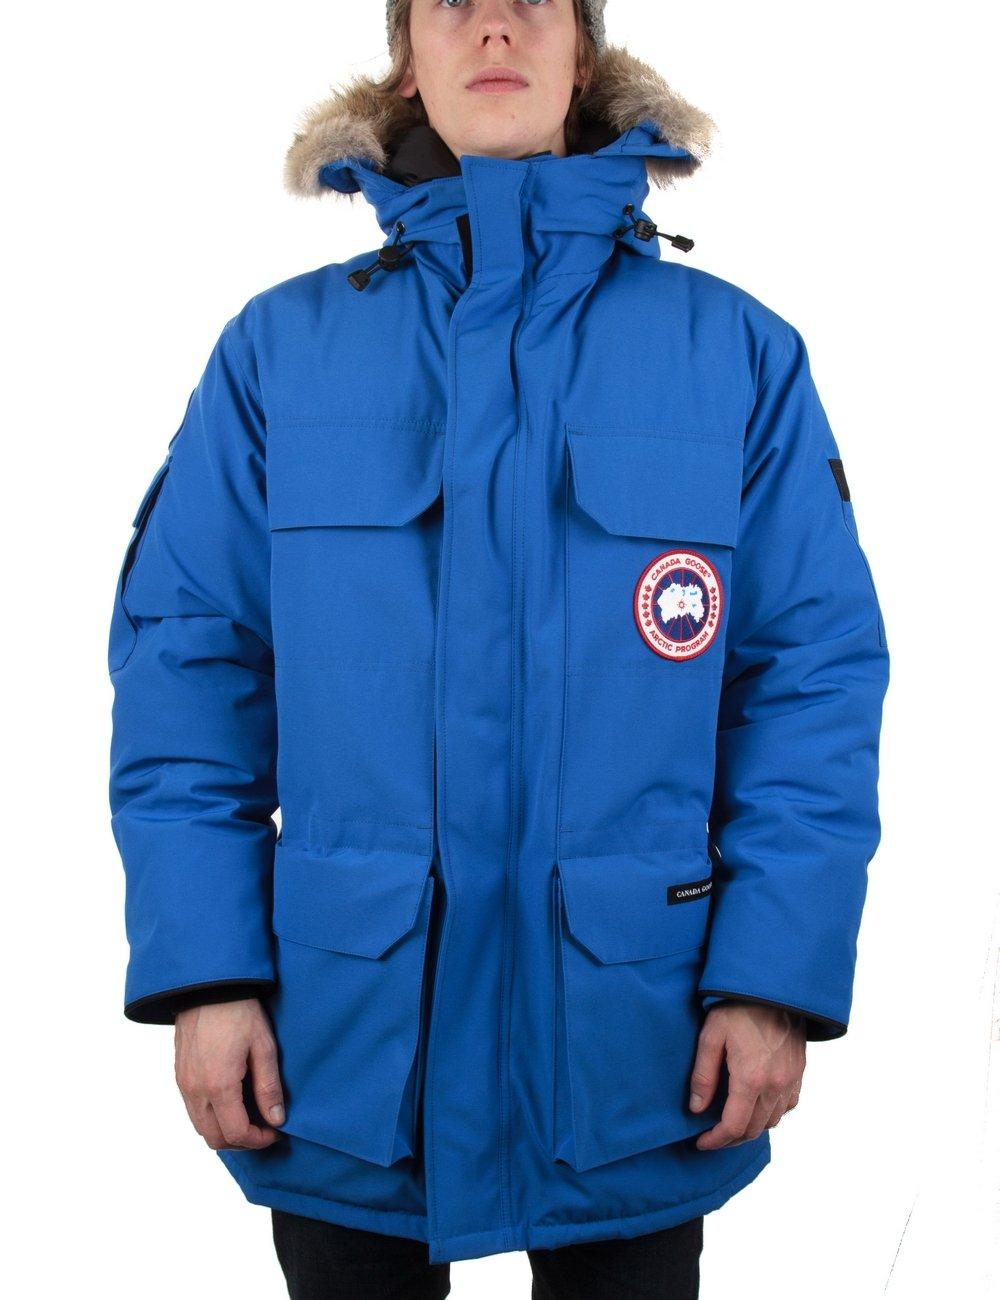 Canada Goose montebello parka outlet official - Canada Goose Expedition Parka Polar Bear International - Royal ...